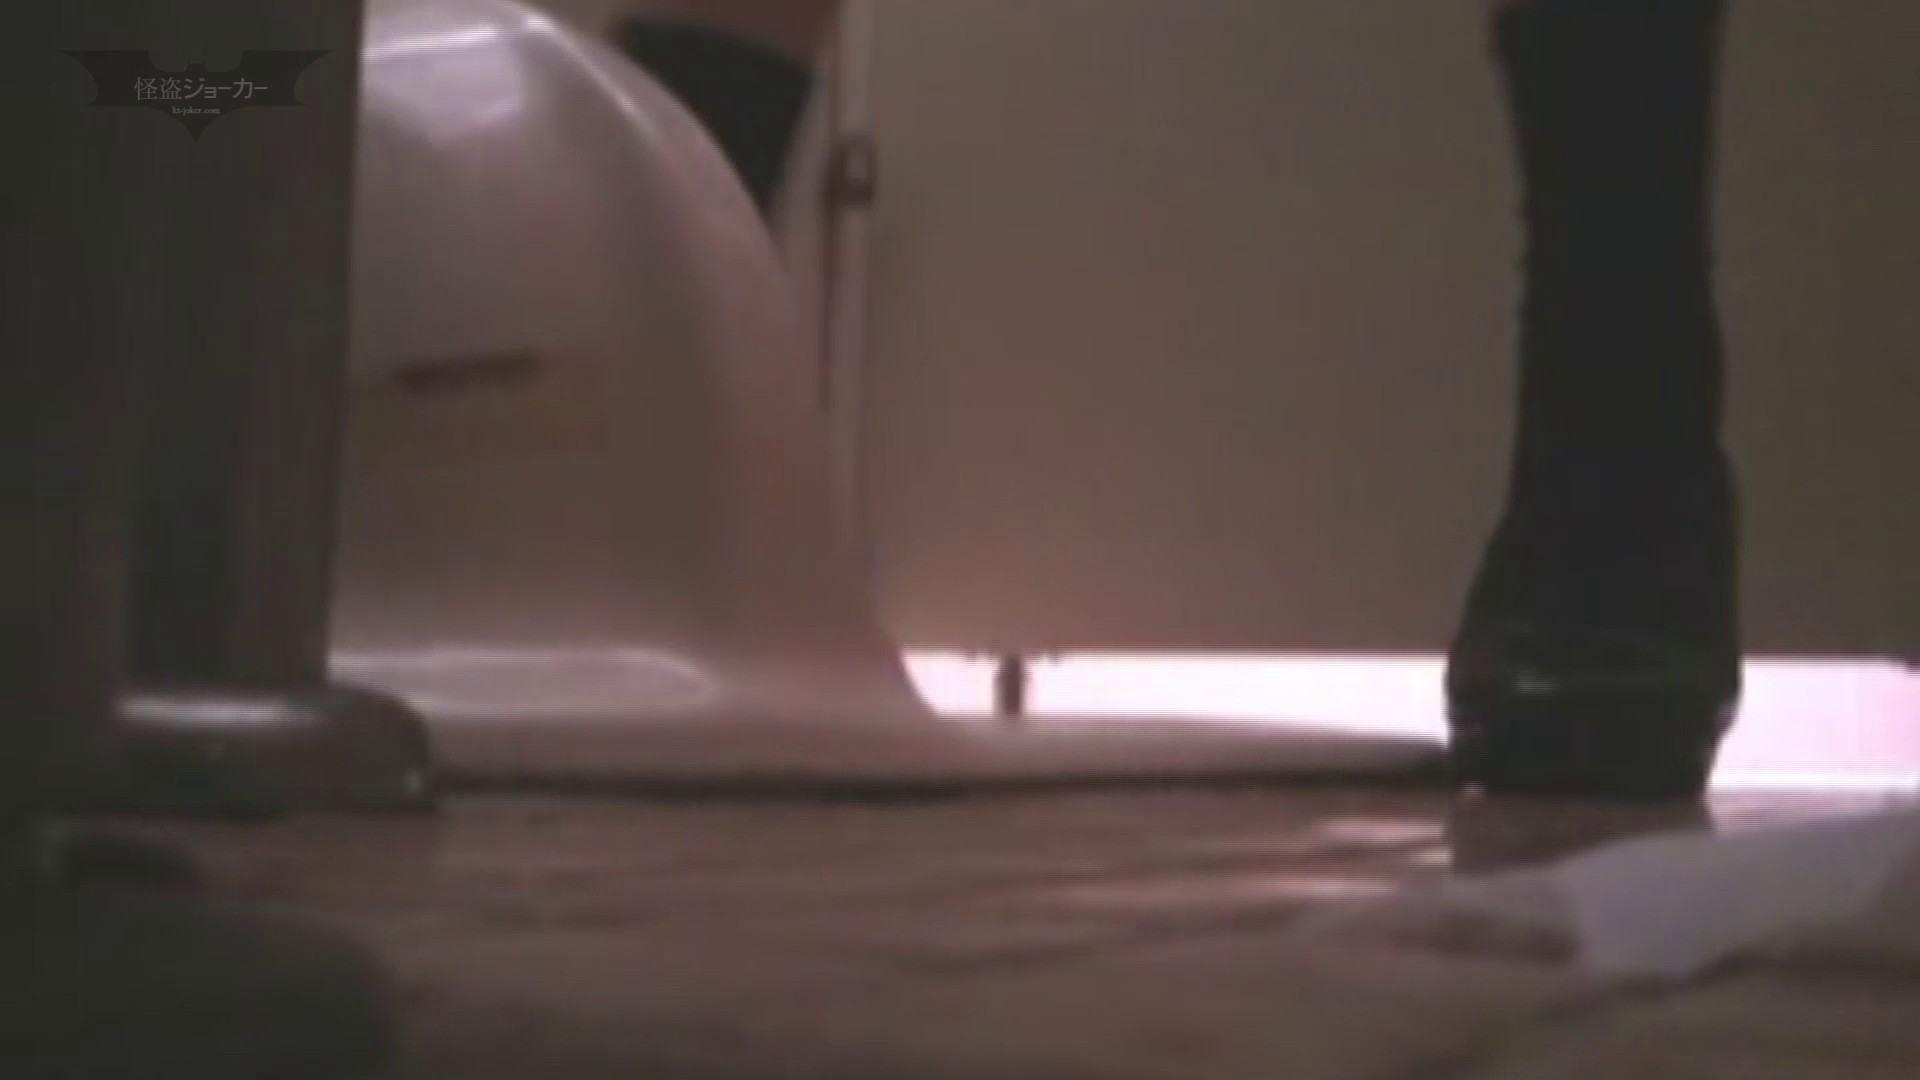 おまんこ:化粧室絵巻 番外編 VOL.07 銀河さん庫出し映像チョット良くなりました4:怪盗ジョーカー